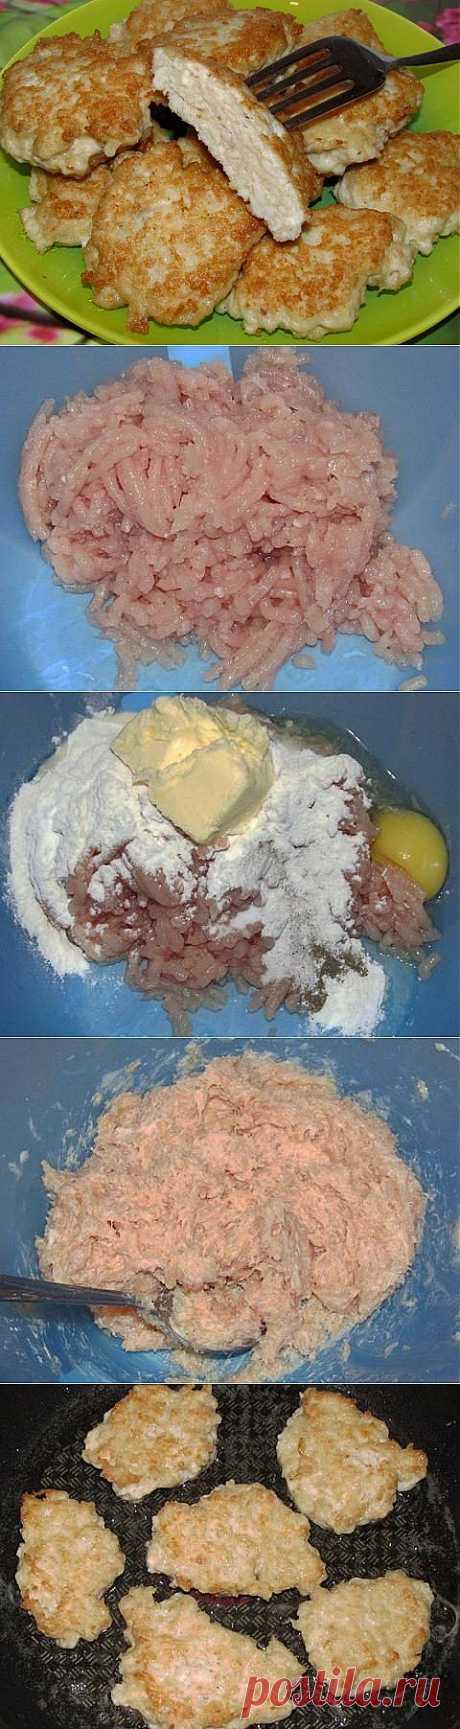 Быстрый ужин: Куриные оладьи